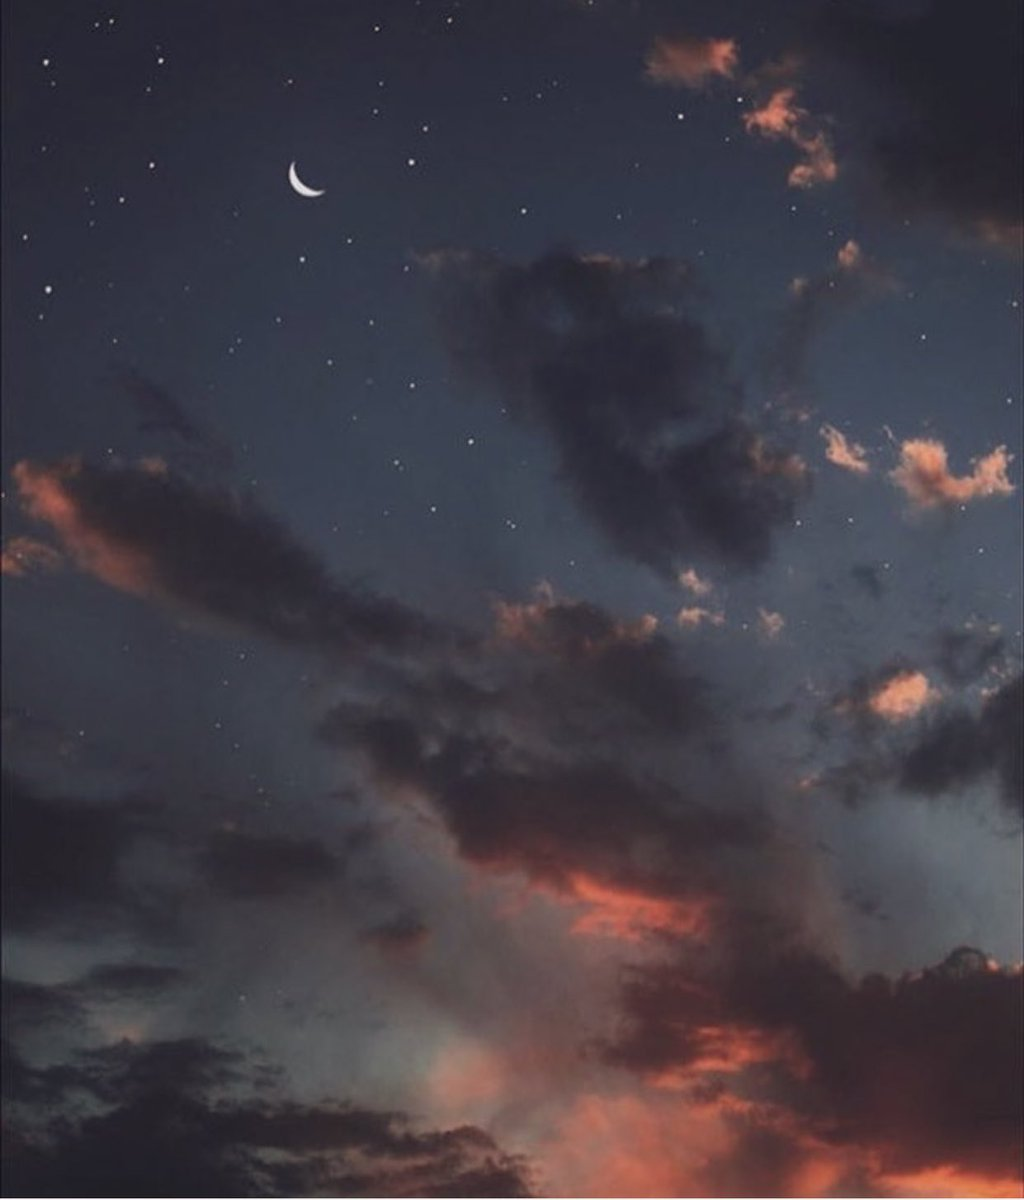 """الإربِعاء ٣ #رَمضَان 🌙: - في الحديث : """" للصائم عند فِطره دعوةٌ لا تُرد """" ماكان الله ليفتح على عبدٍ باب الدعاء ويُغلق عنه باب الإجابة ، رتّب دعواتك ولا تنسى شيئًا تتمناه ، ردد بإلحاح الصالحين الذين كانوا يسألون الله حاجاتهم فما يأتي رمضان الآخر إلا وقد أجيب سؤالهم ."""